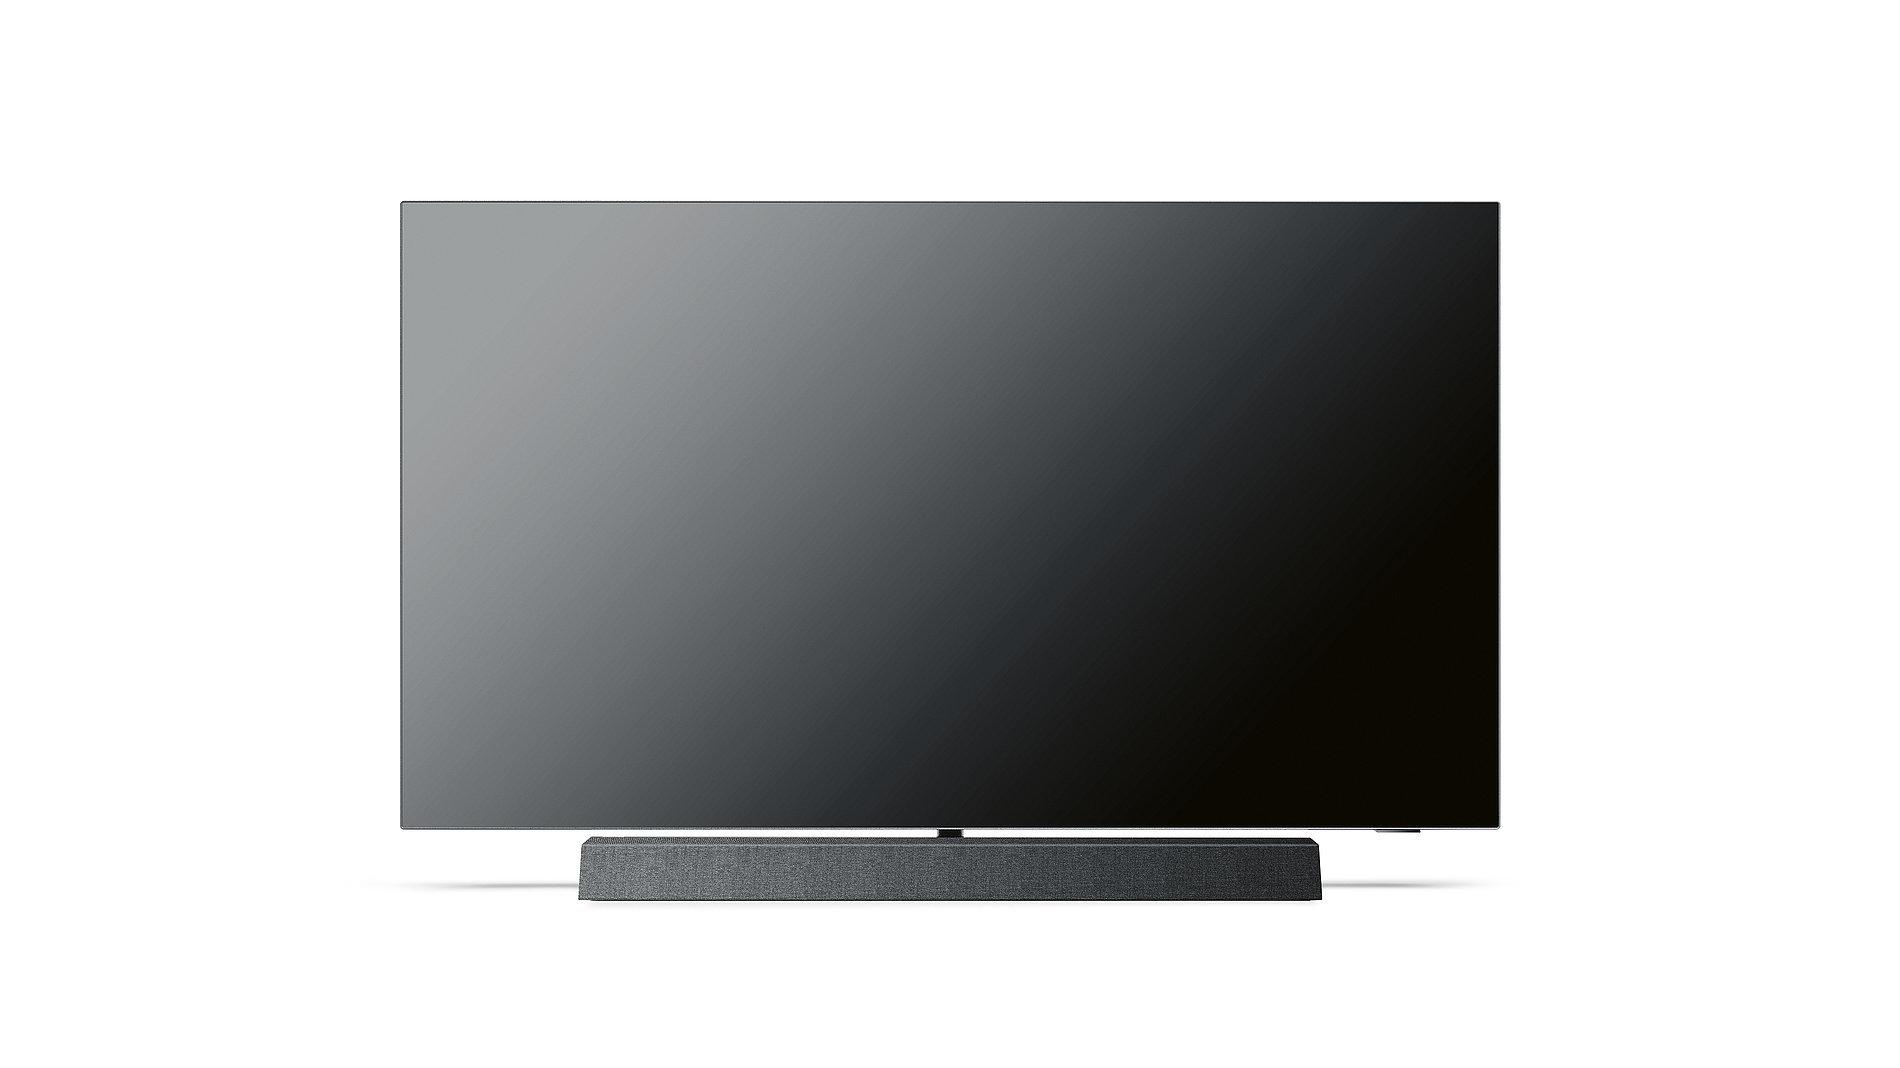 Philips 934 OLED TV | Red Dot Design Award